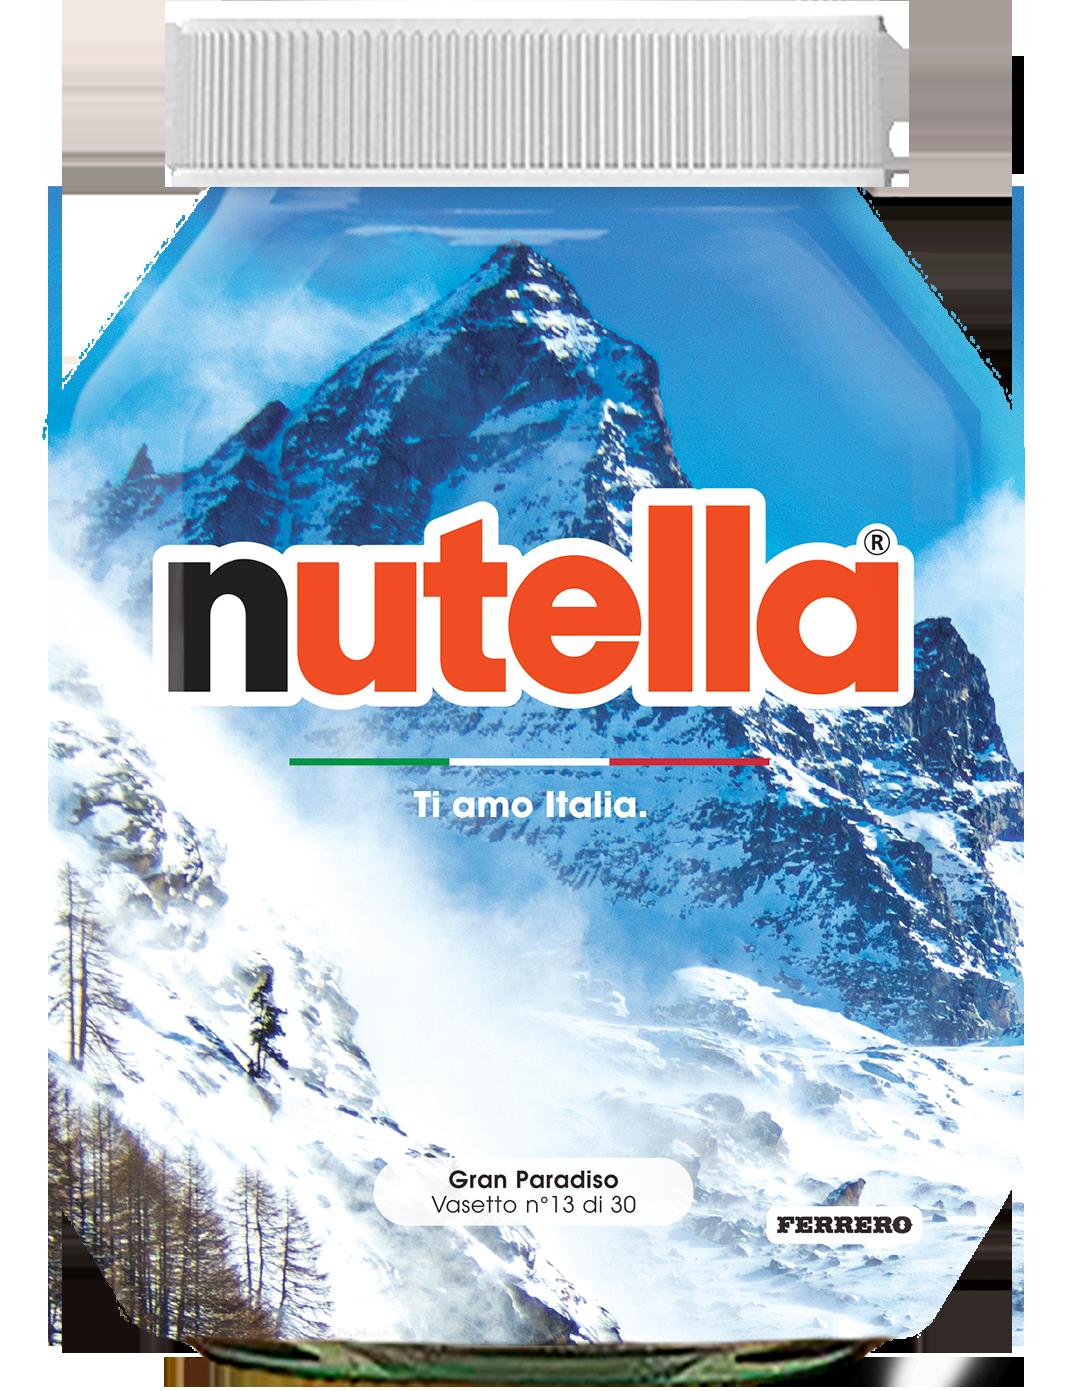 Valle d'Aosta - Gran Paradiso - i vasetti di nutella dedicati all'italia